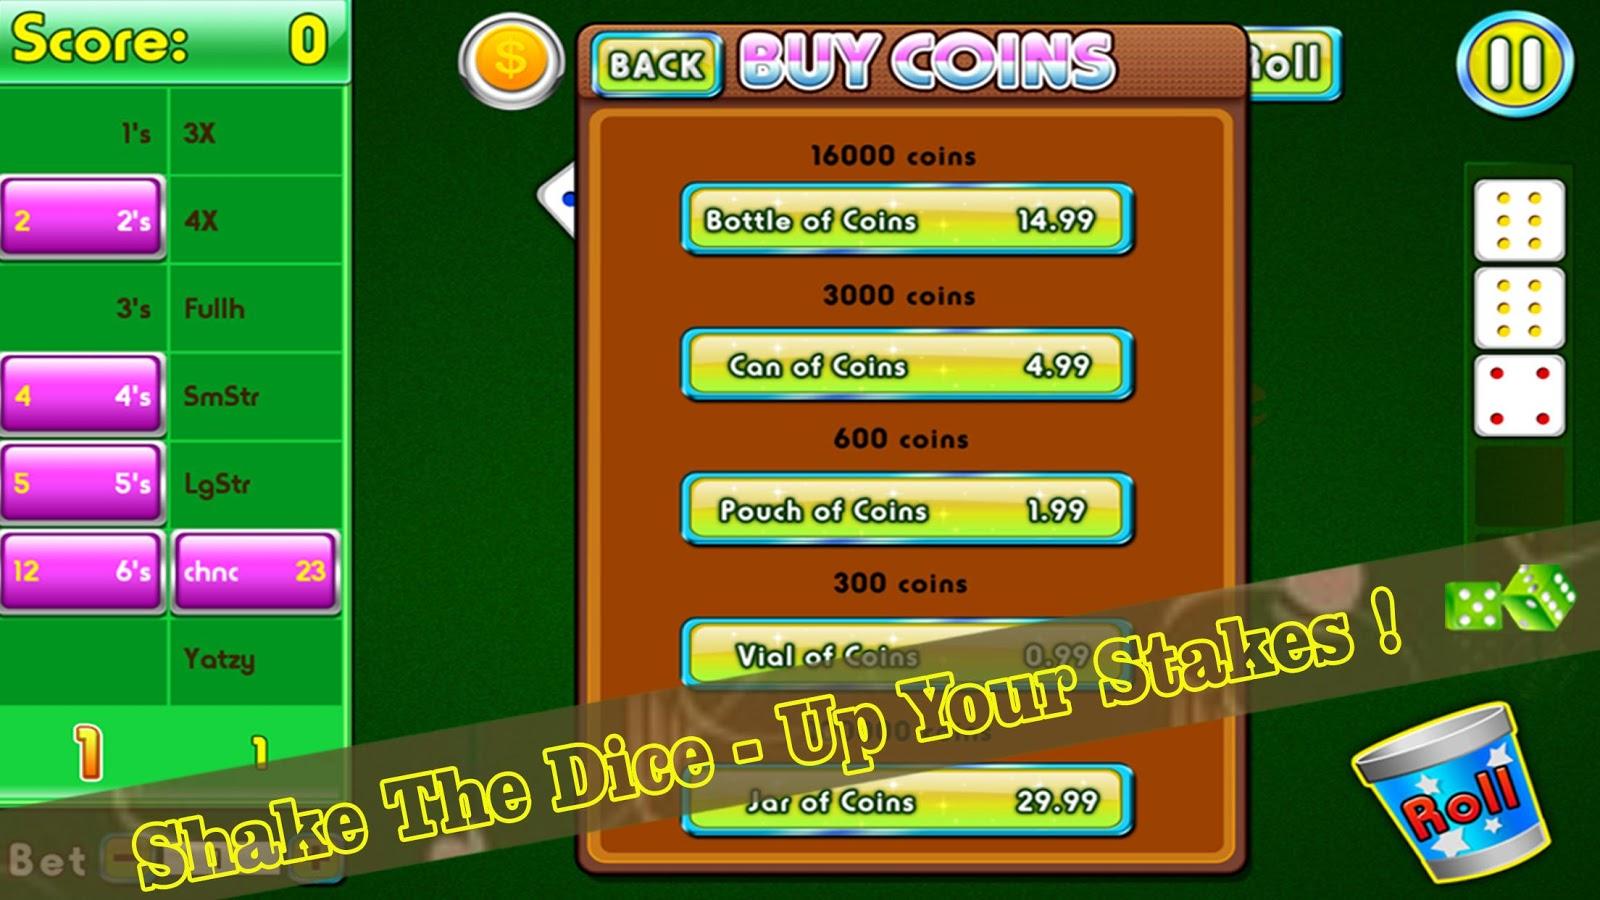 online casino app roll online dice